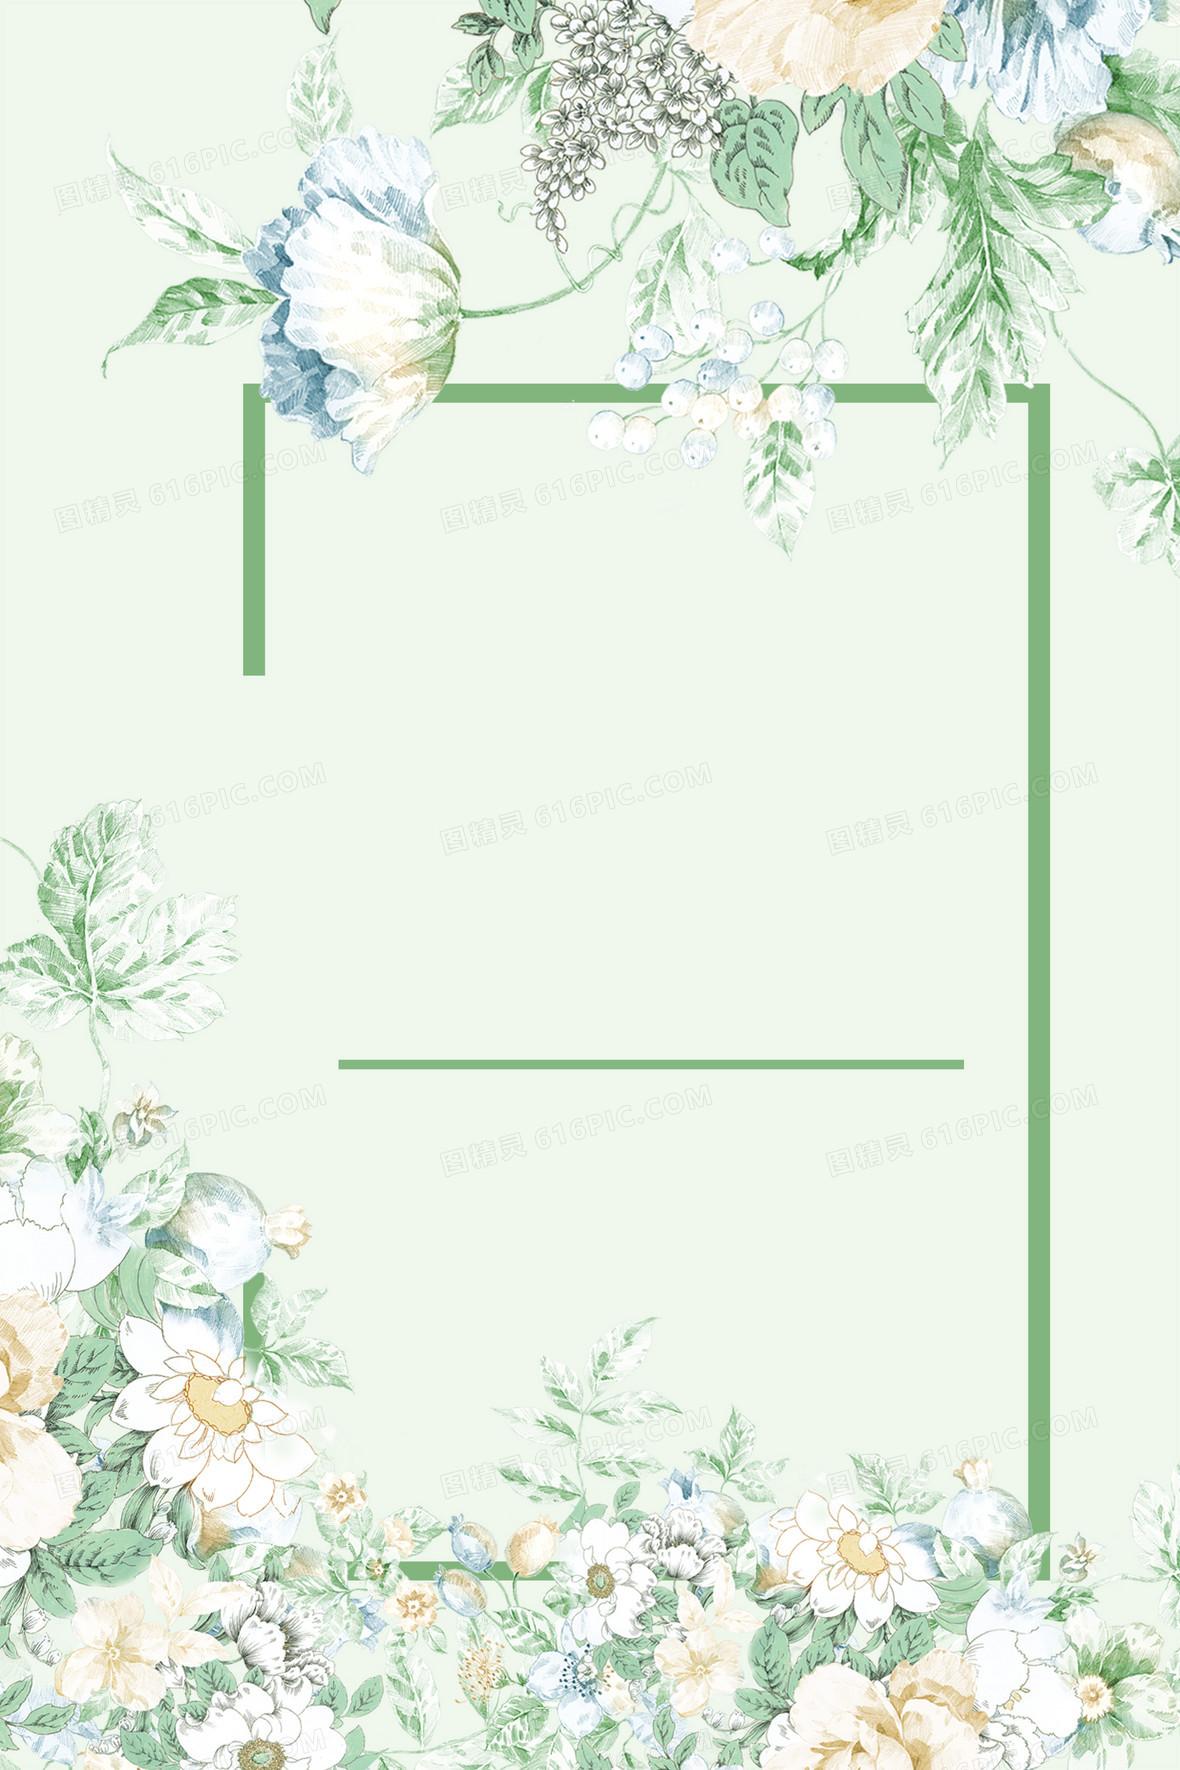 清新手繪夏季促銷海報背景模板